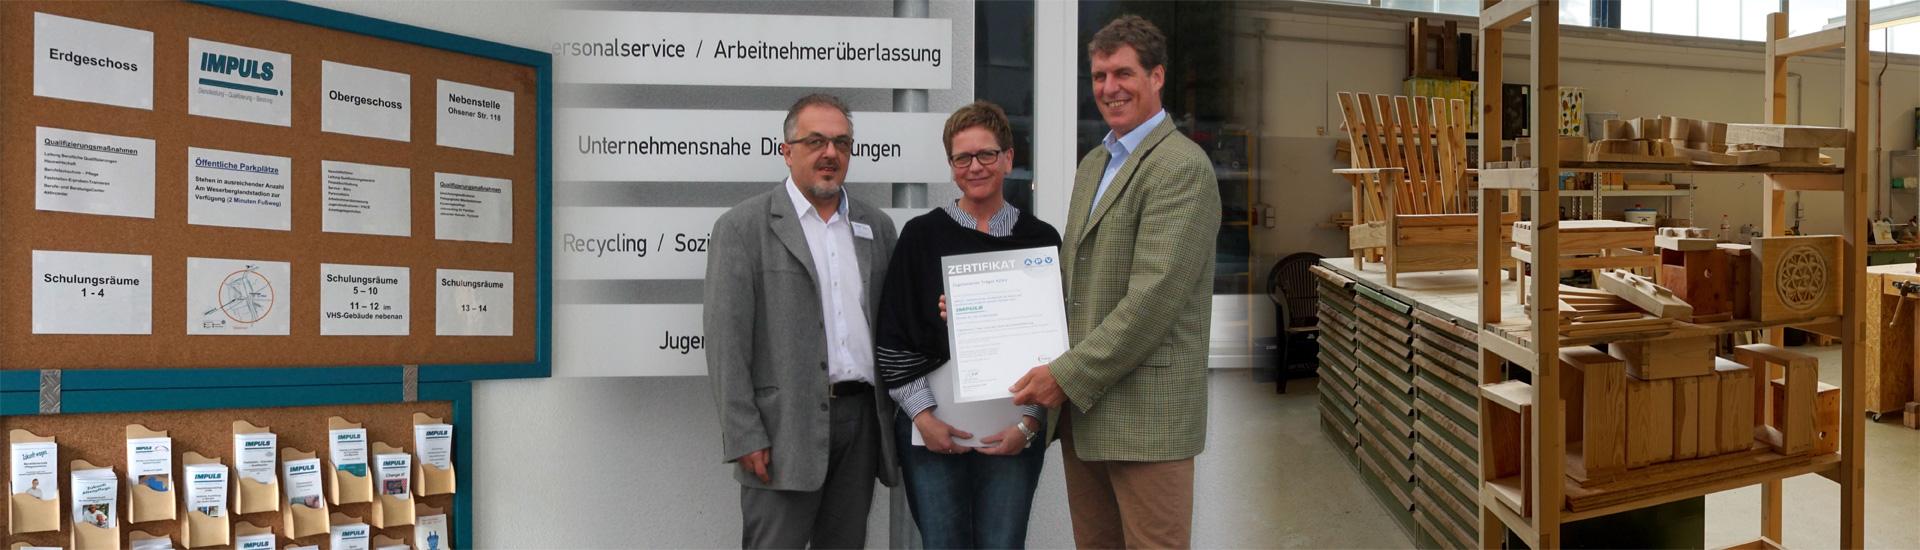 Zertifikatsübergabe nach erfolgreich durchgeführtem ISO- und AZAV-Audit bei der Impuls gGmbH in Hameln.